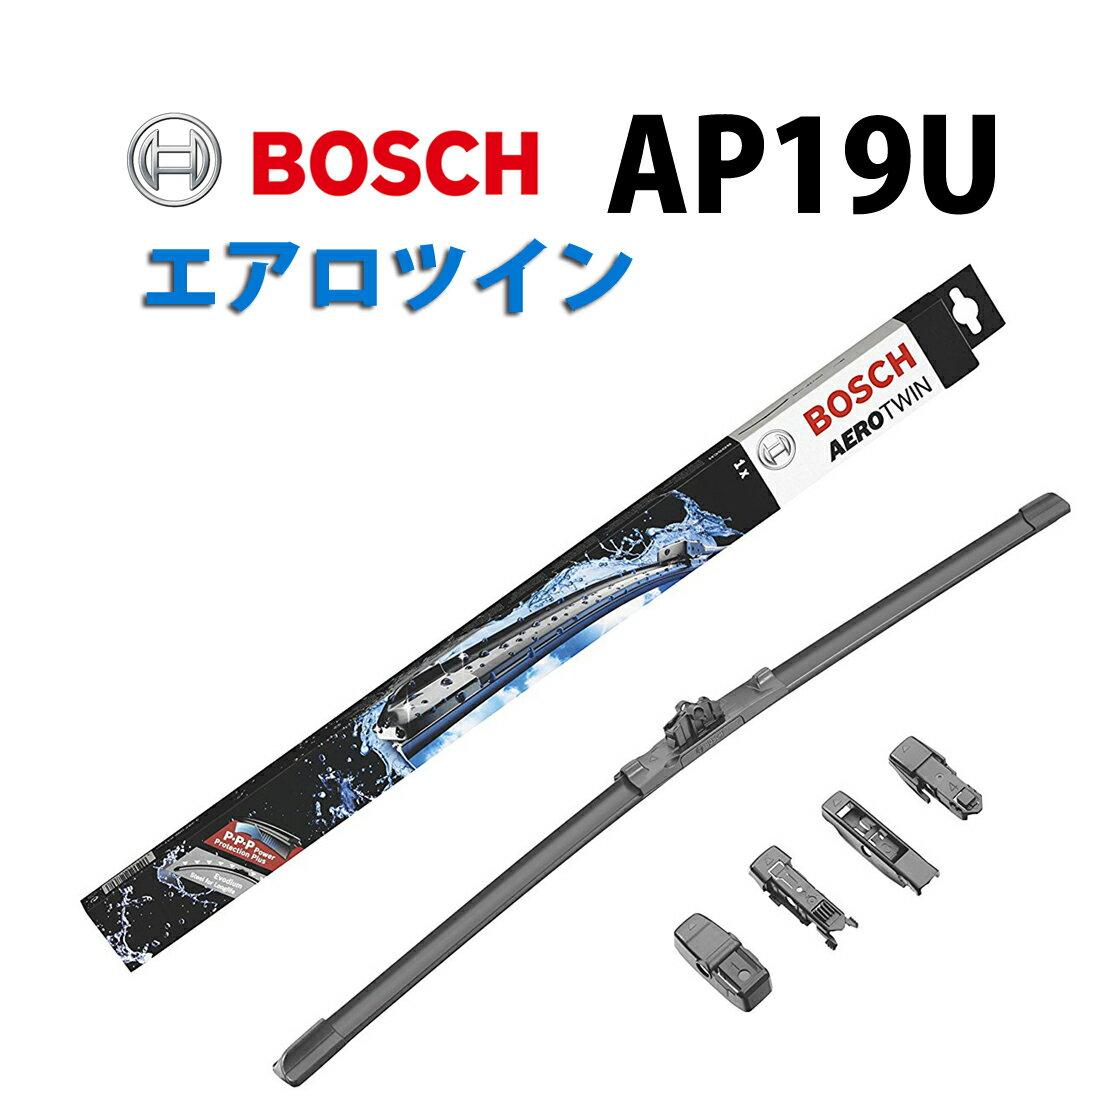 ウィンドウケア, ワイパーブレード AP19U BOSCH 475mm 3397006832 BMW X1 A3 A AEROTWIN